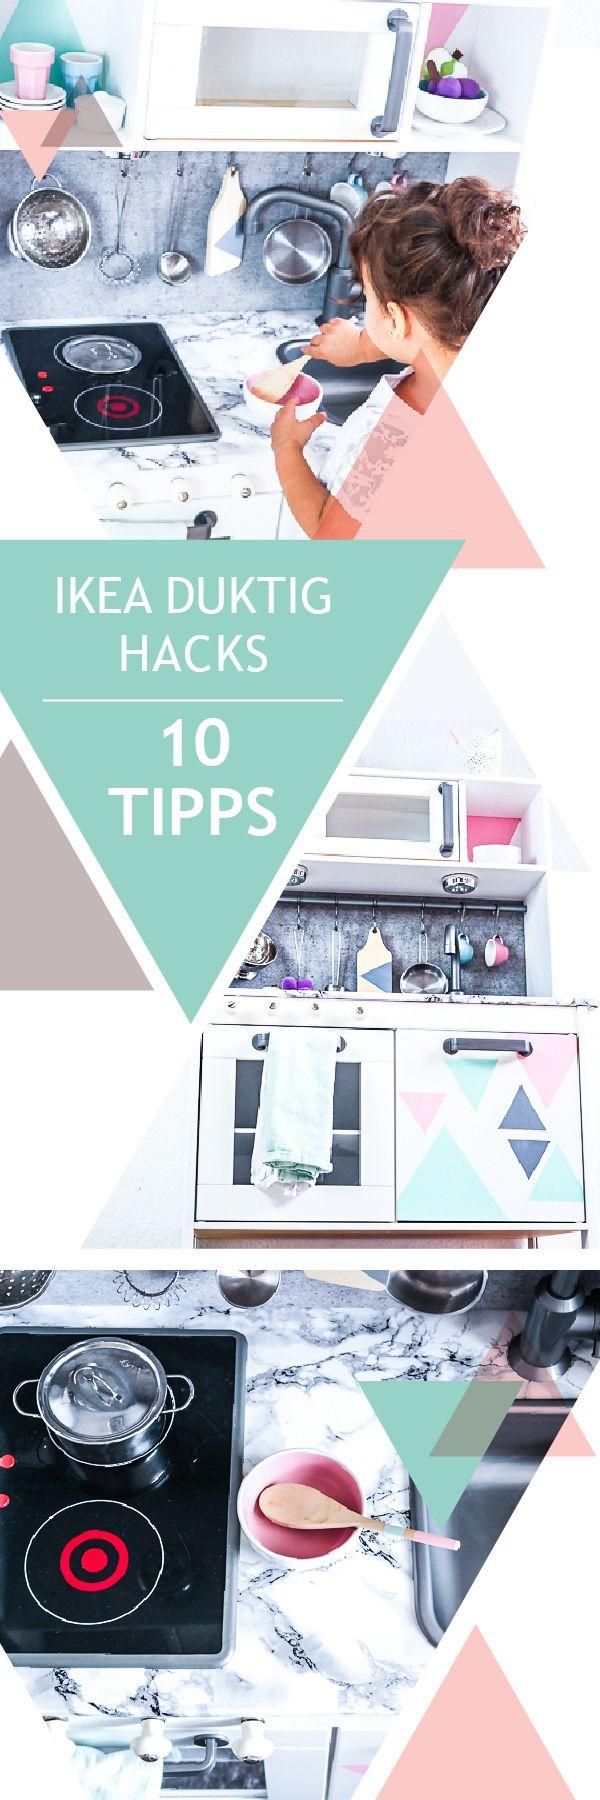 Ikea Duktig Hacks, 10 Tipps für deine DIY Kinderküche. Die absoluten Tricks für deine Spielküche. Ikea play kitchen makeover for kids #kitchenmakeovers